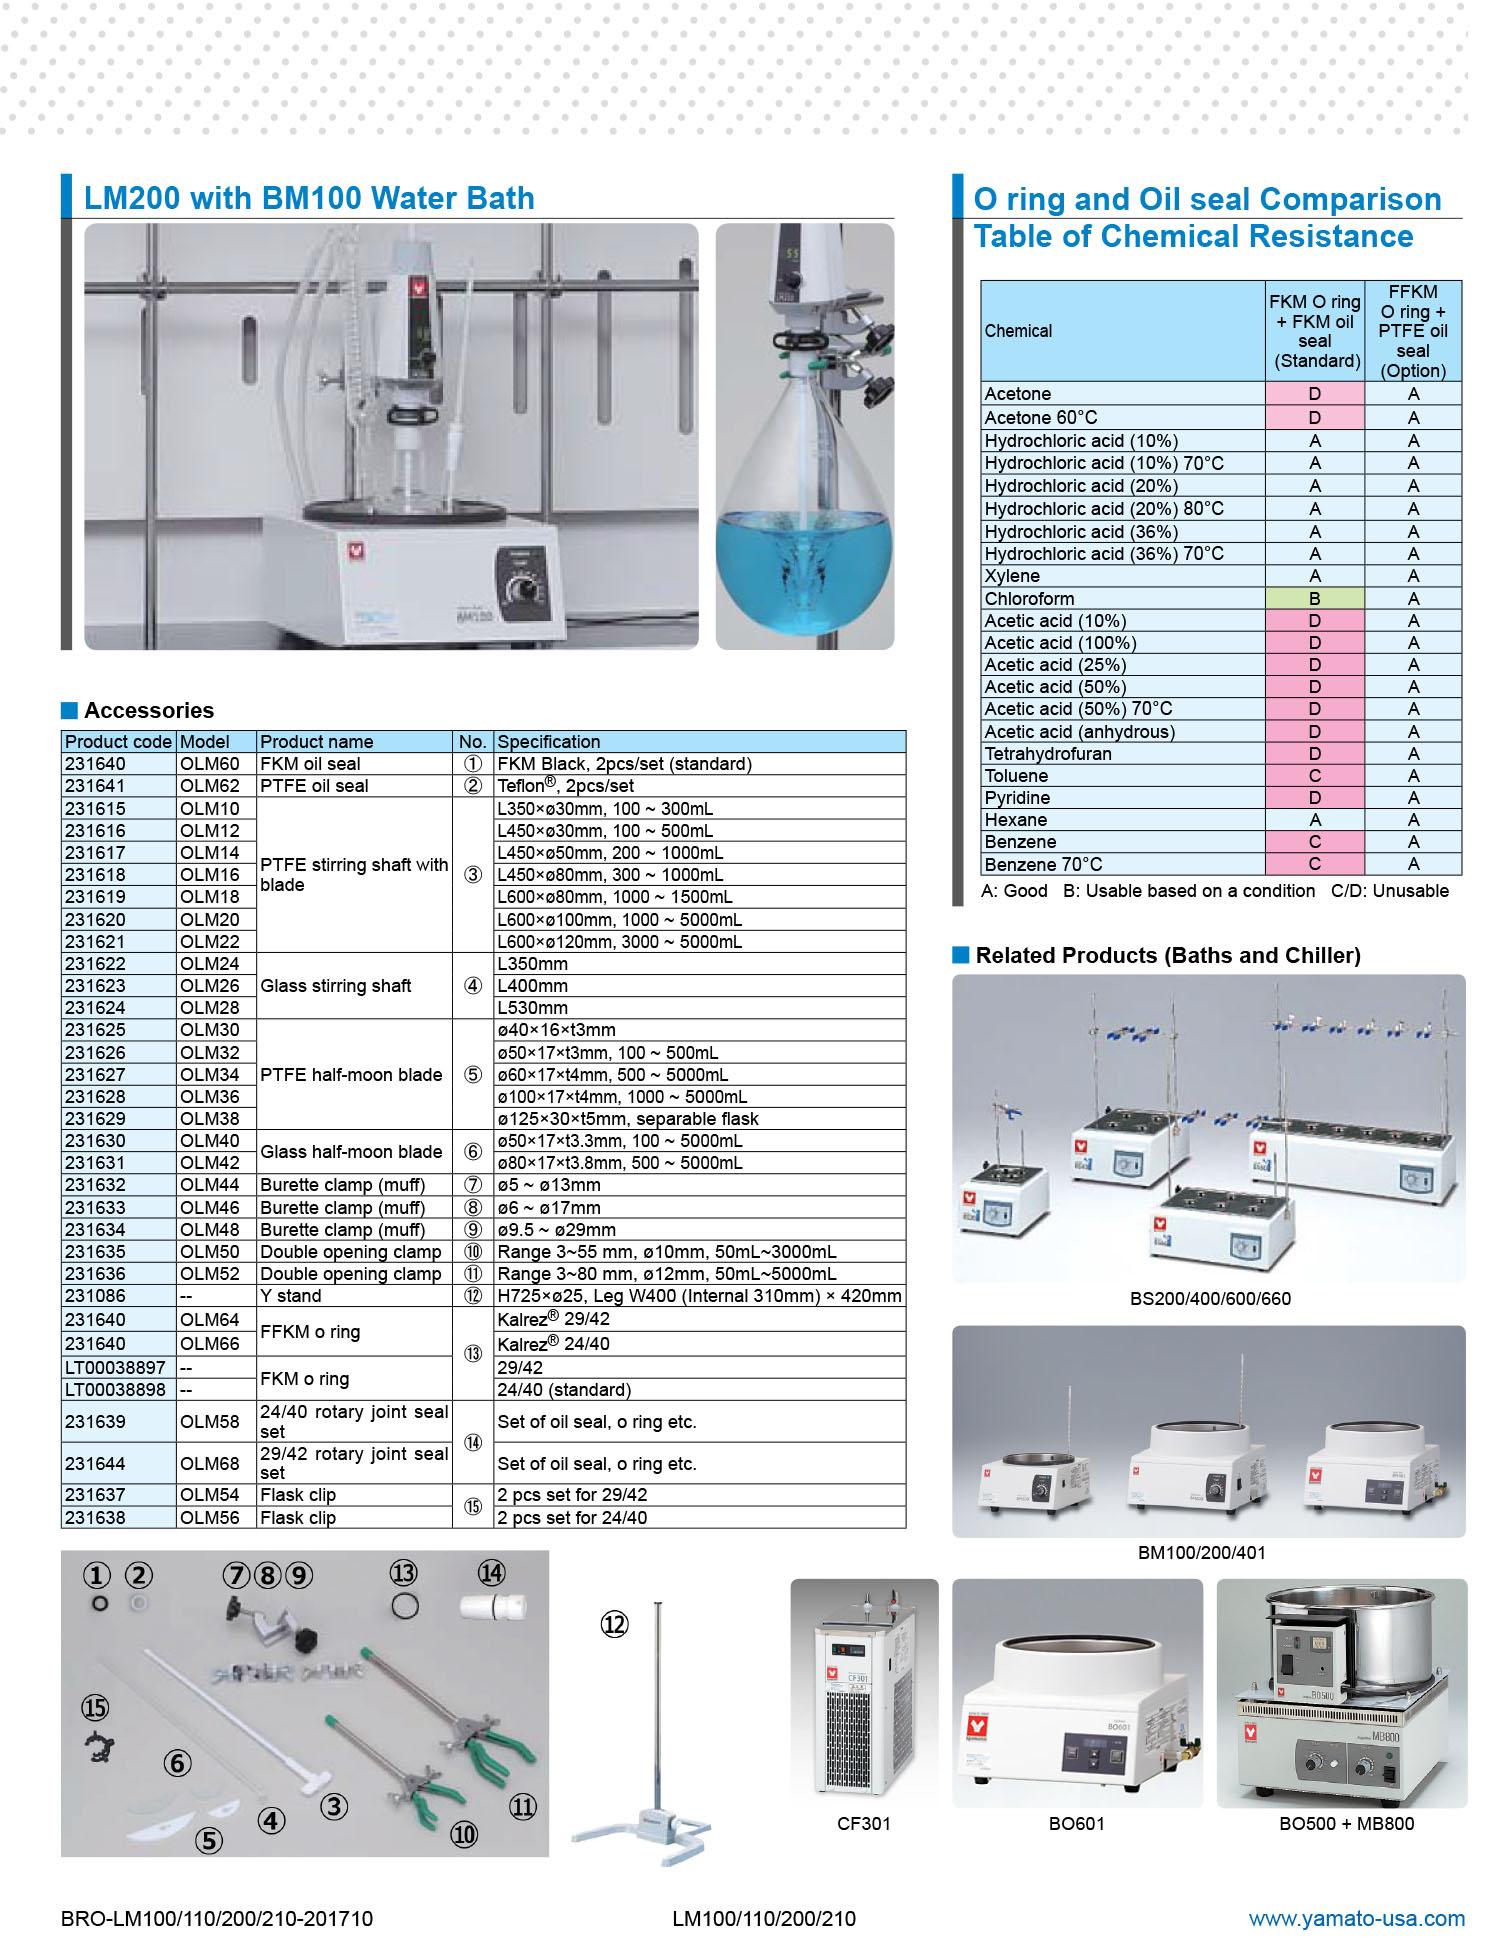 Laboratory Flask Mixer (1000 rpm) | Yamato Scientific America